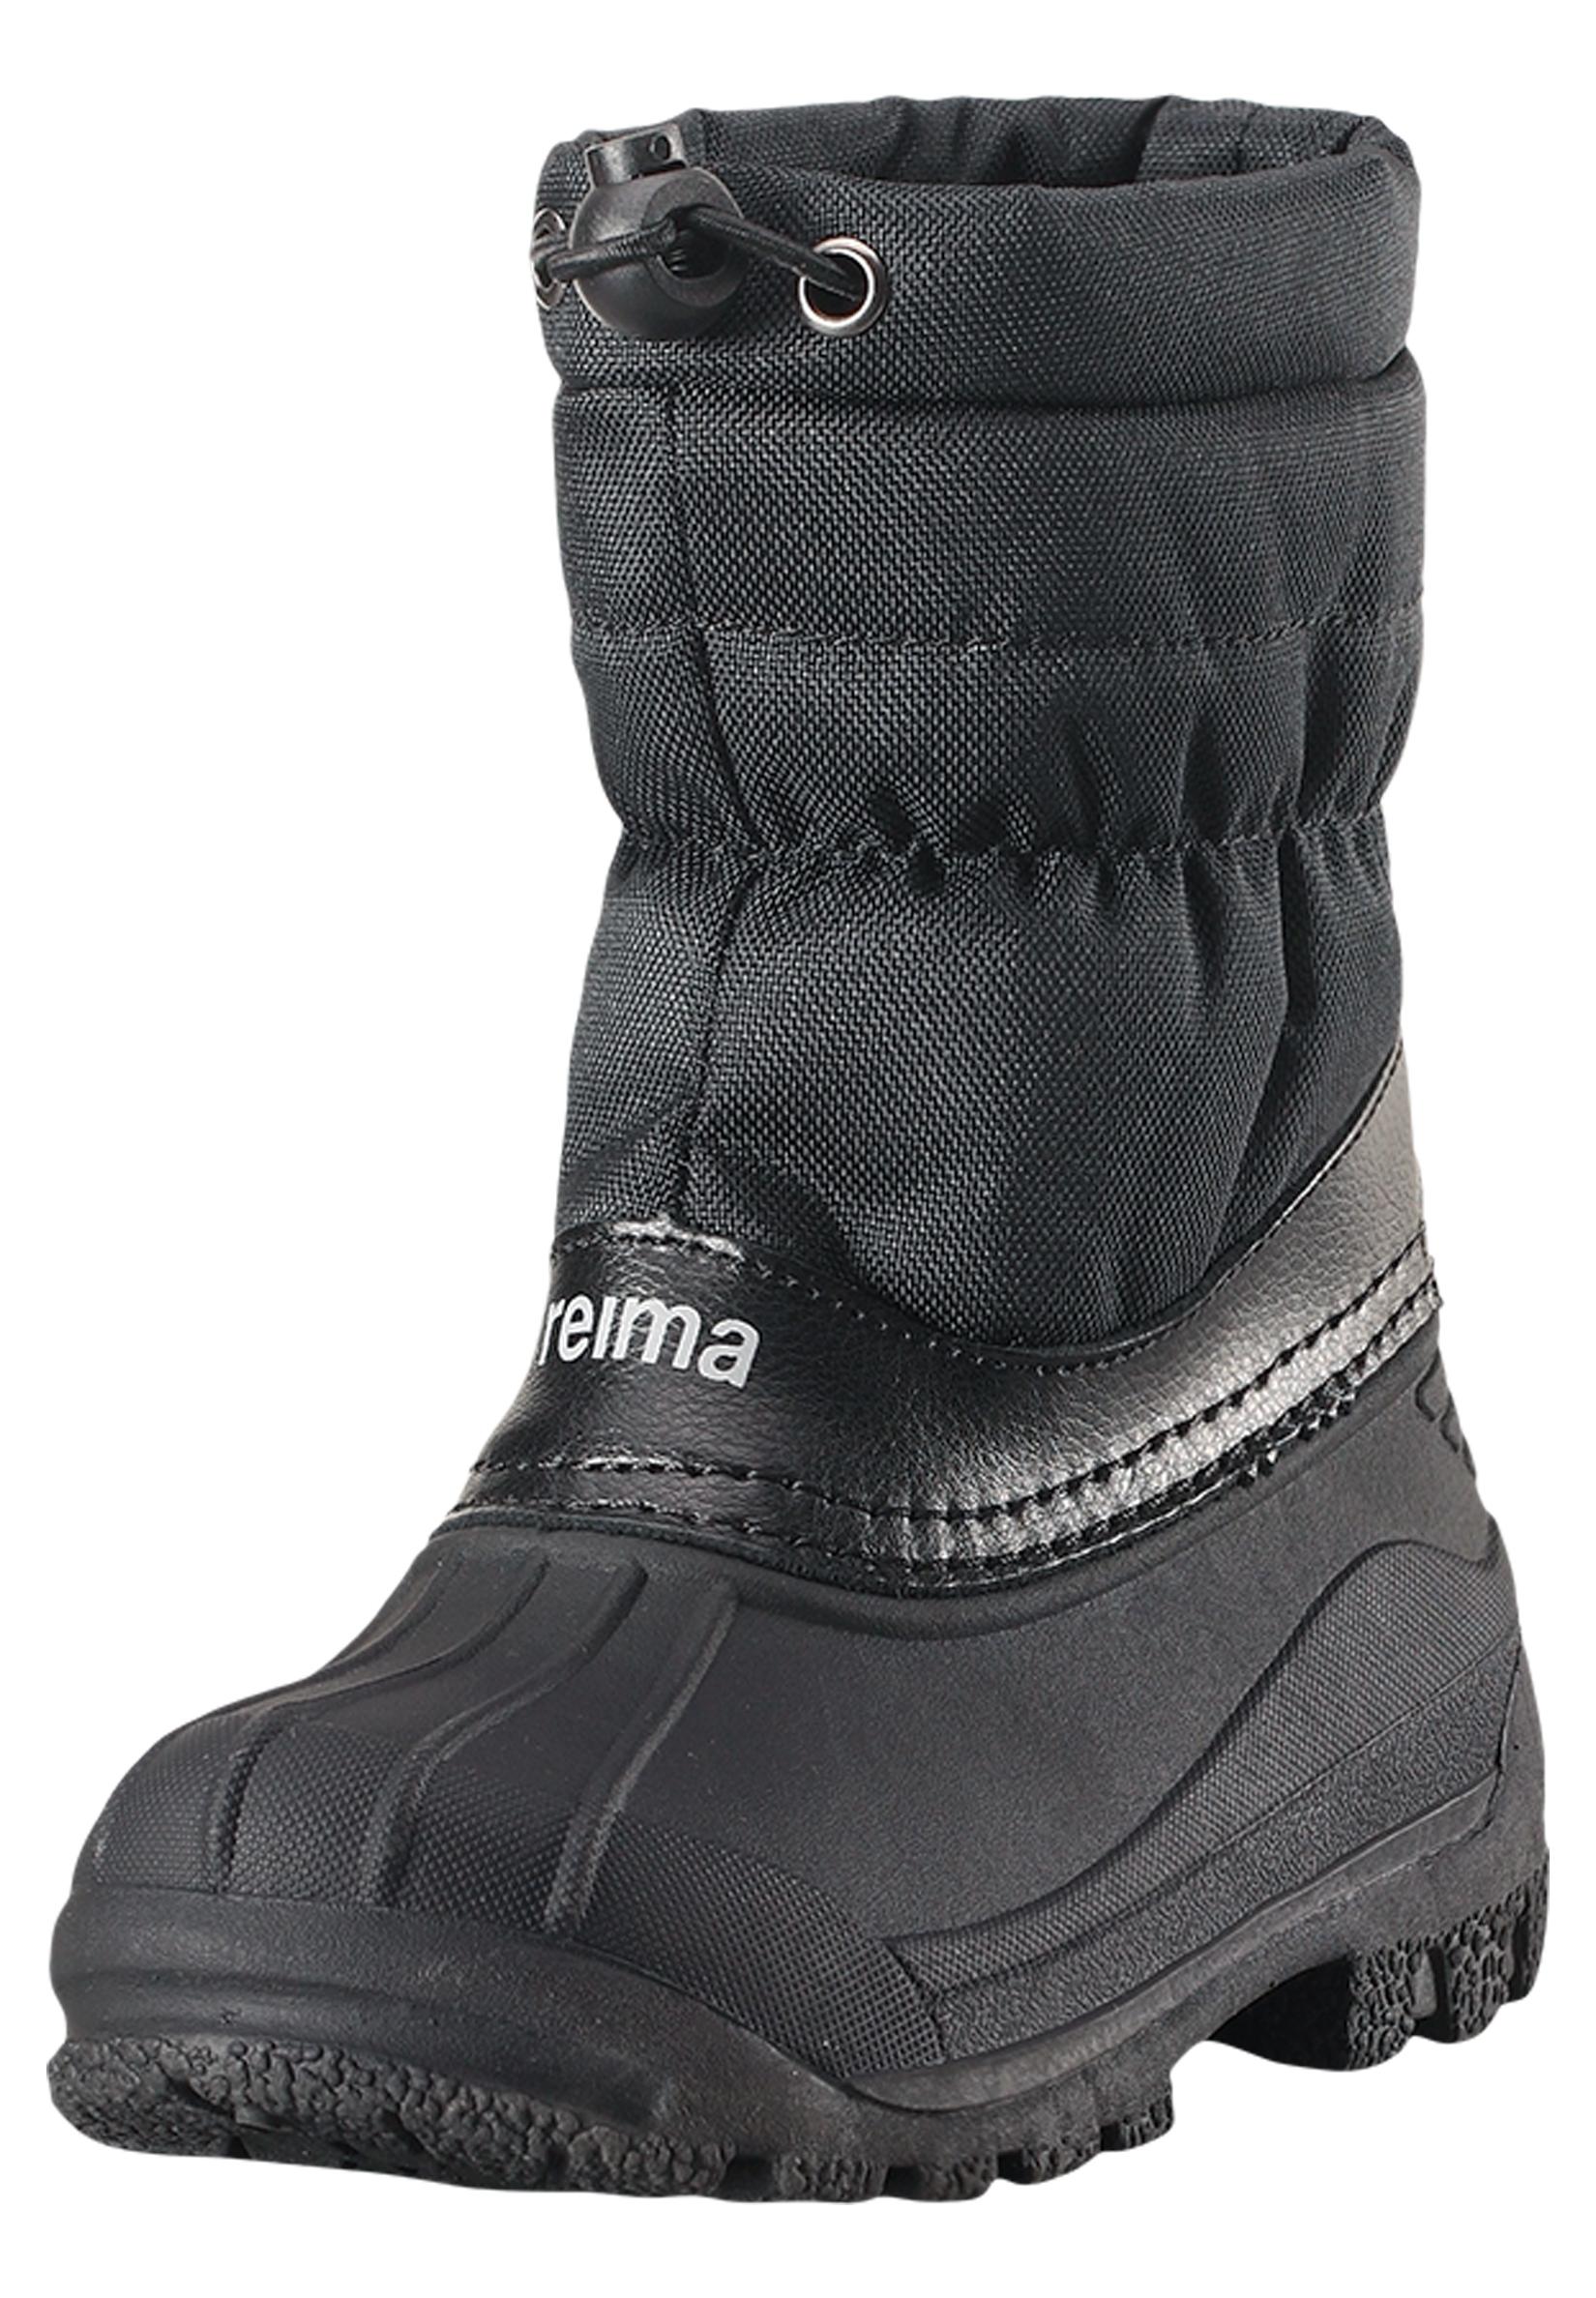 Ботинки и полуботинки Reima черные ботинки для мальчика reima черные